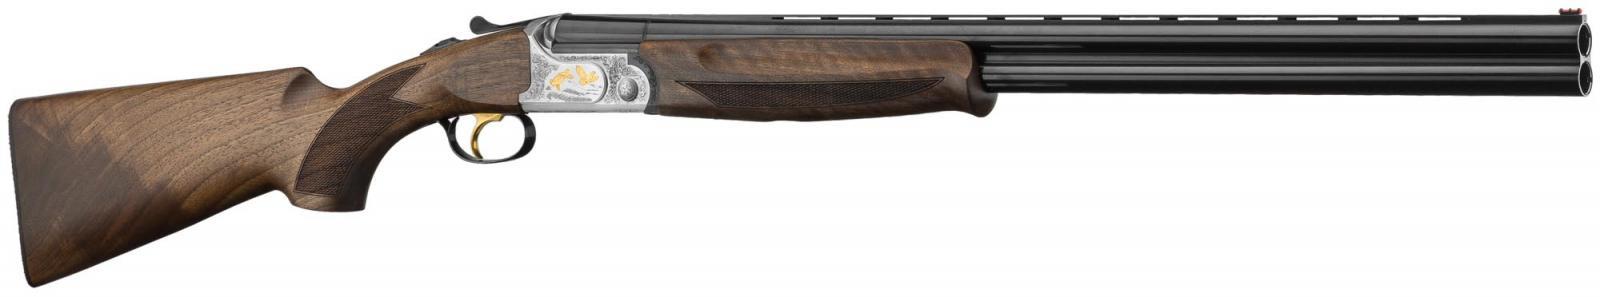 Fusil superposé FAIR LUSSO ACIER Cal. 12/76